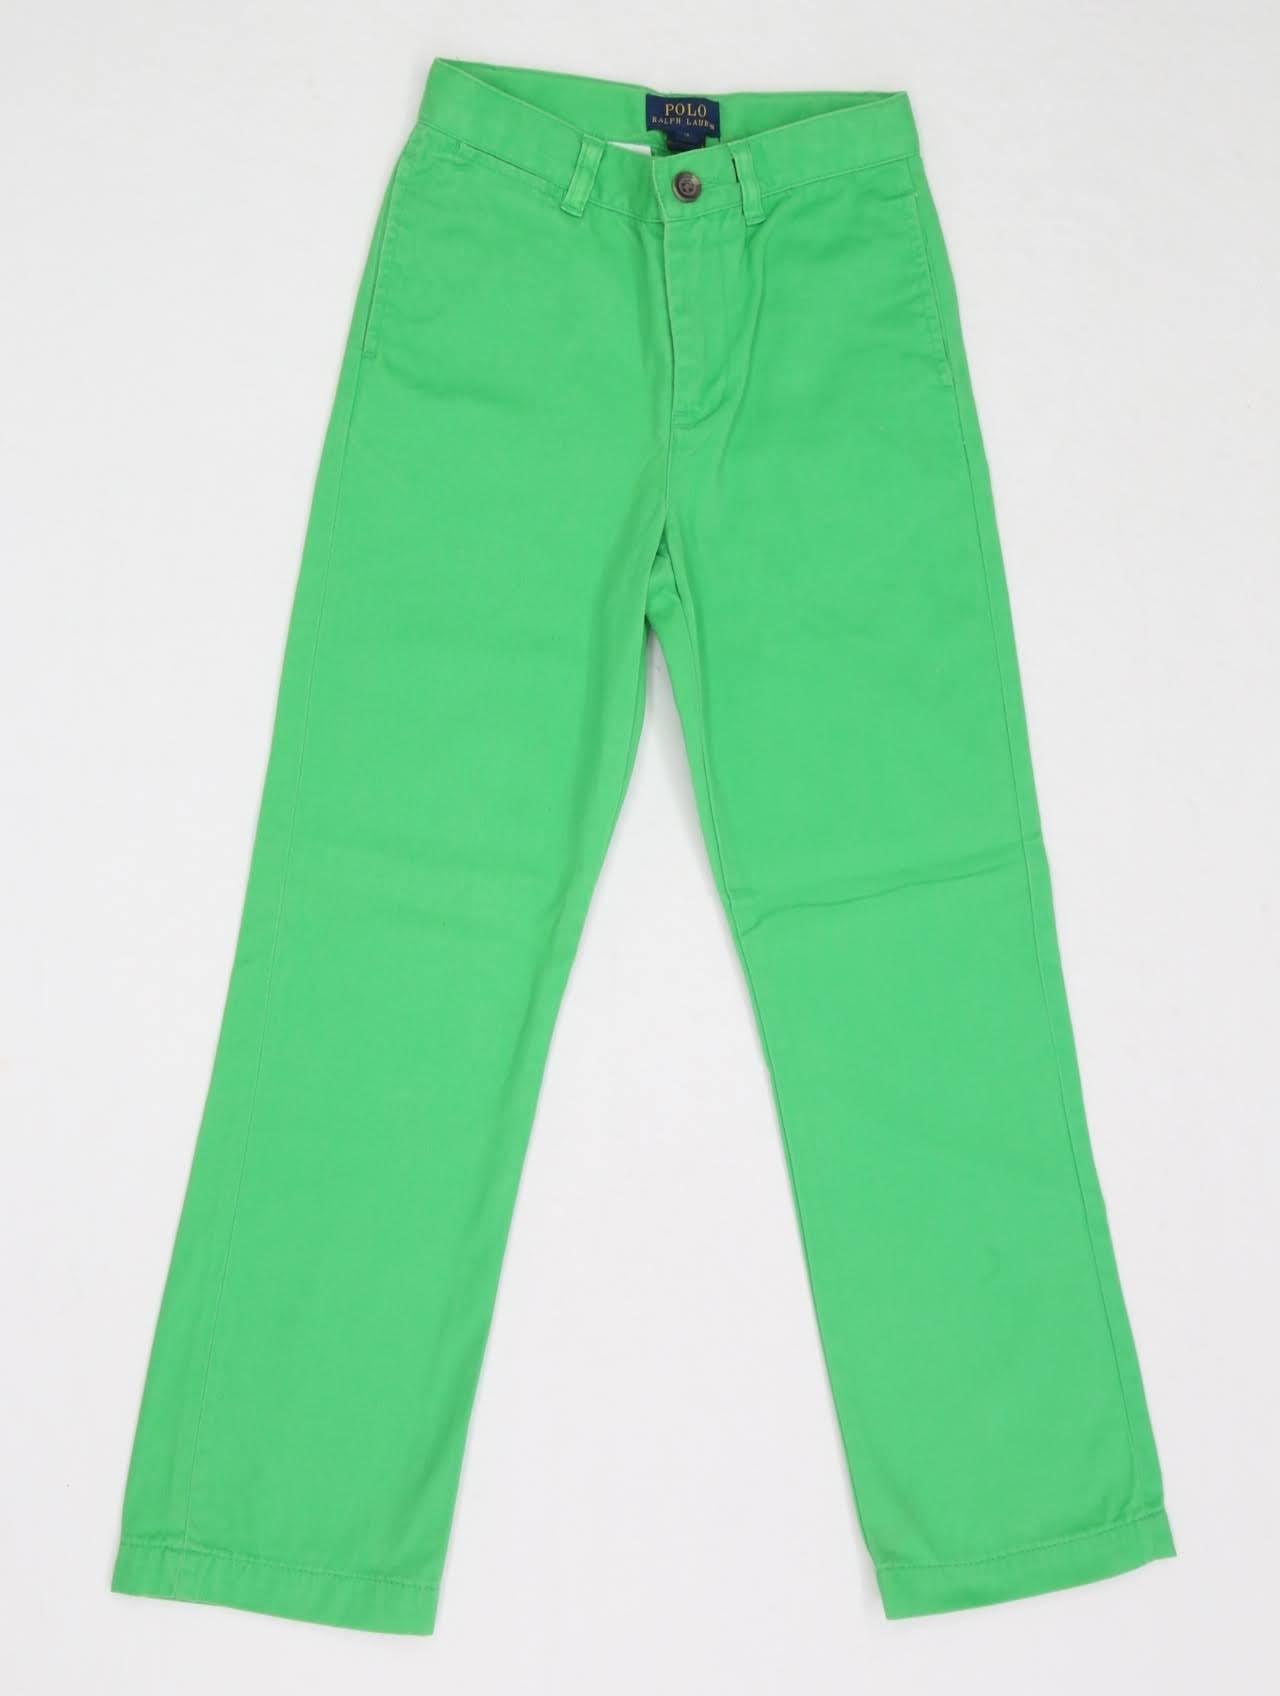 Calça Reta - Ralph Lauren - 07 Anos